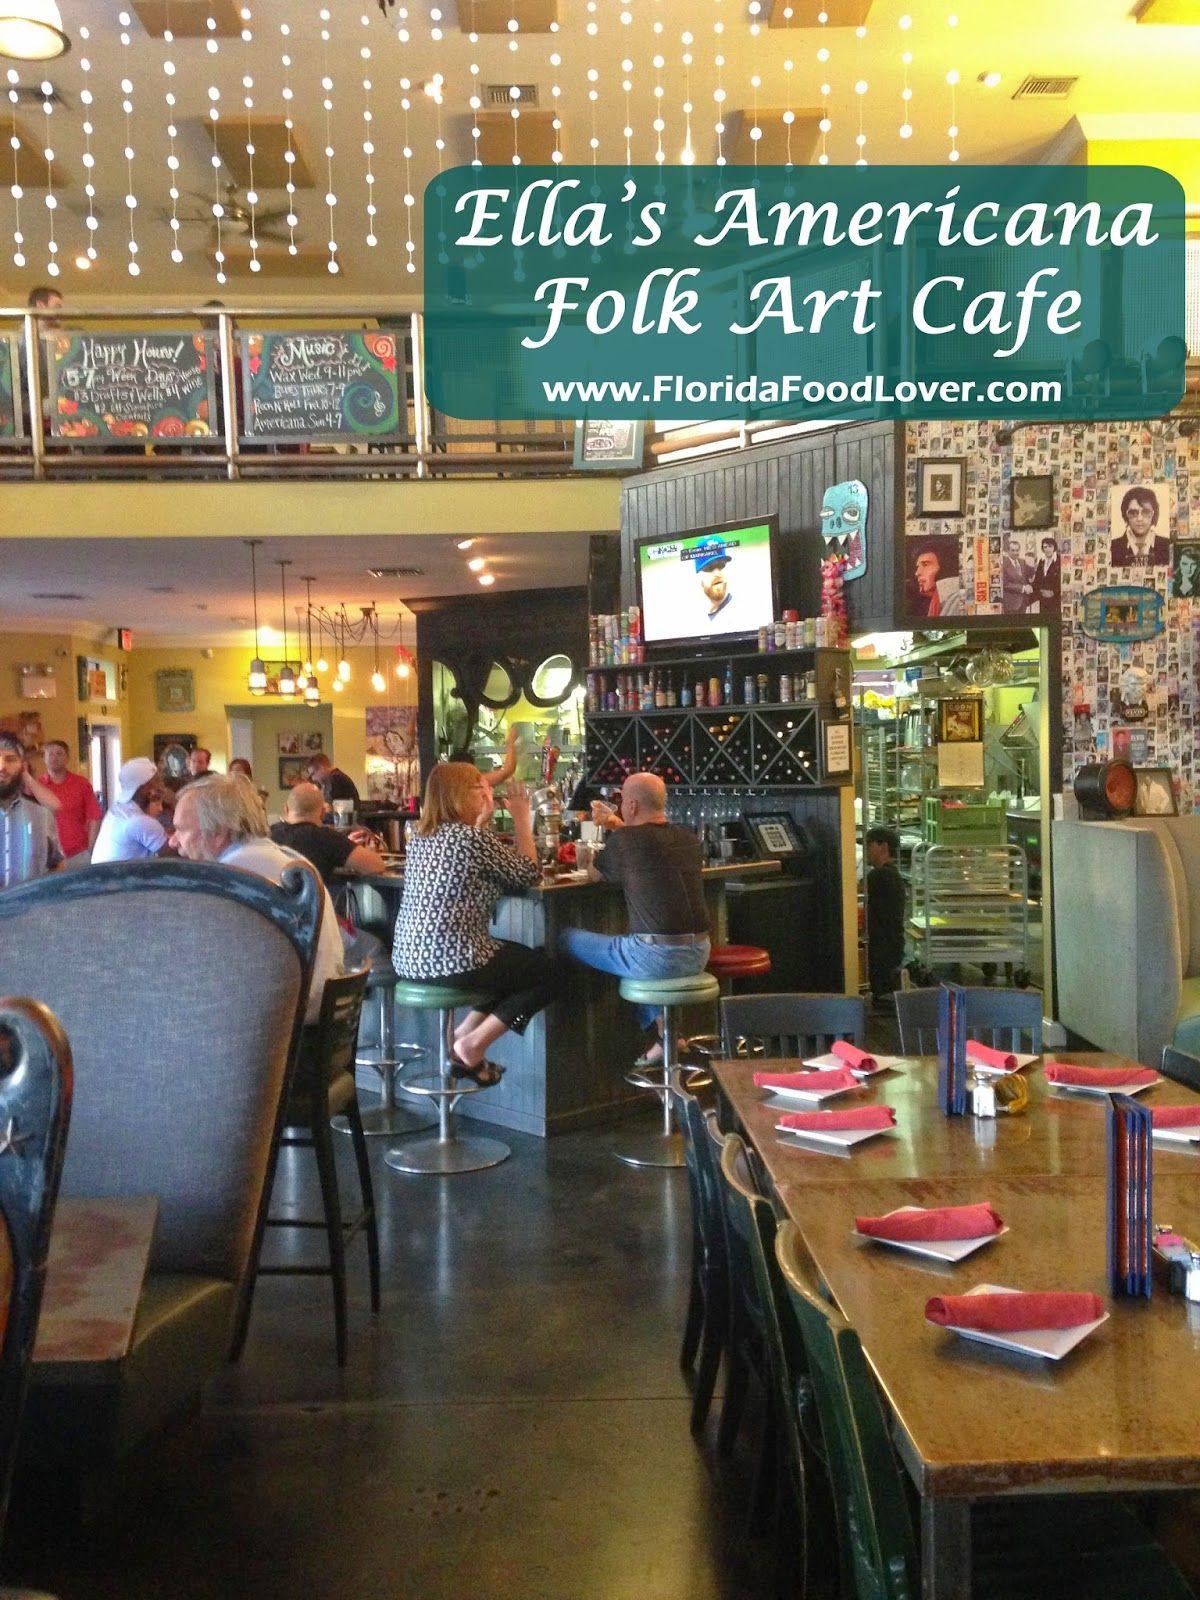 Ellas americana folk art cafe tampa fl folk art